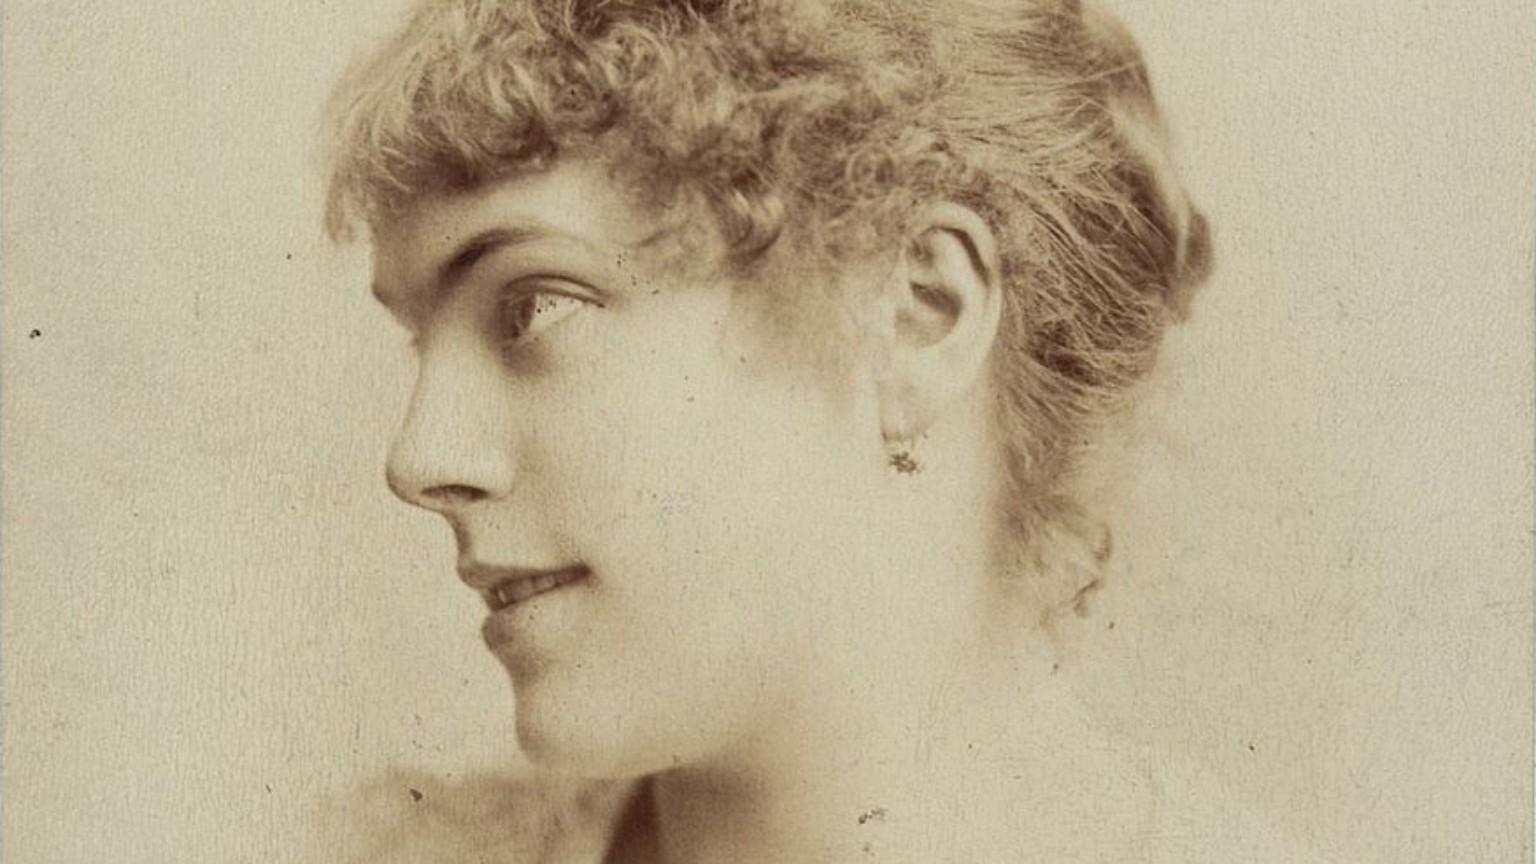 Zdjęcie dla kartki: Tajemnica śmierci Marii Wisnowskiej